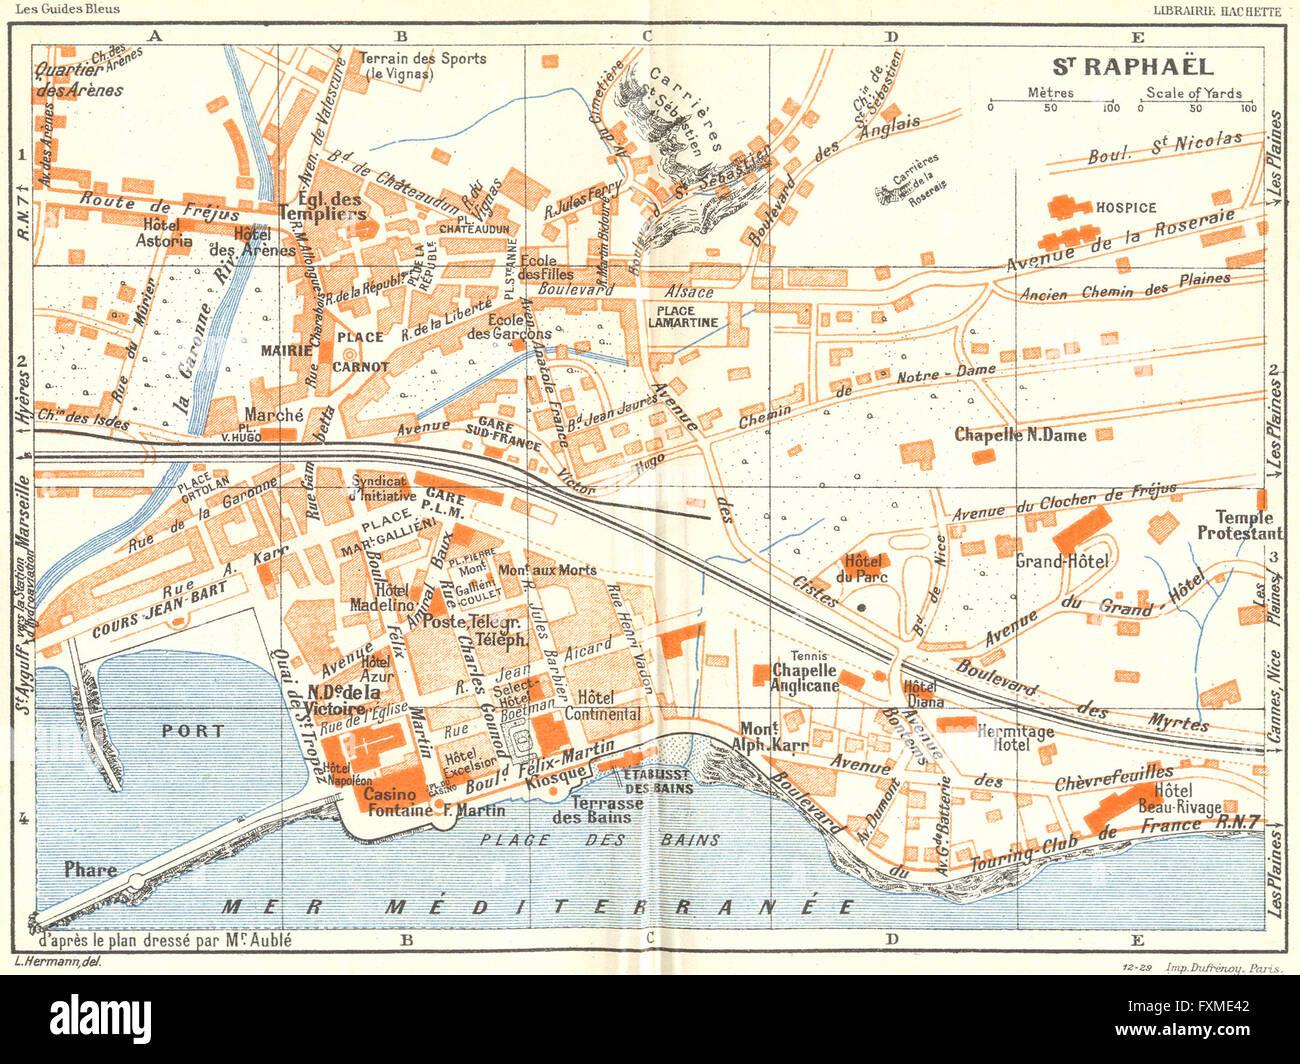 St Raphael France Map.Cote D Azur St Raphael 1926 Vintage Map Stock Photo 102483026 Alamy